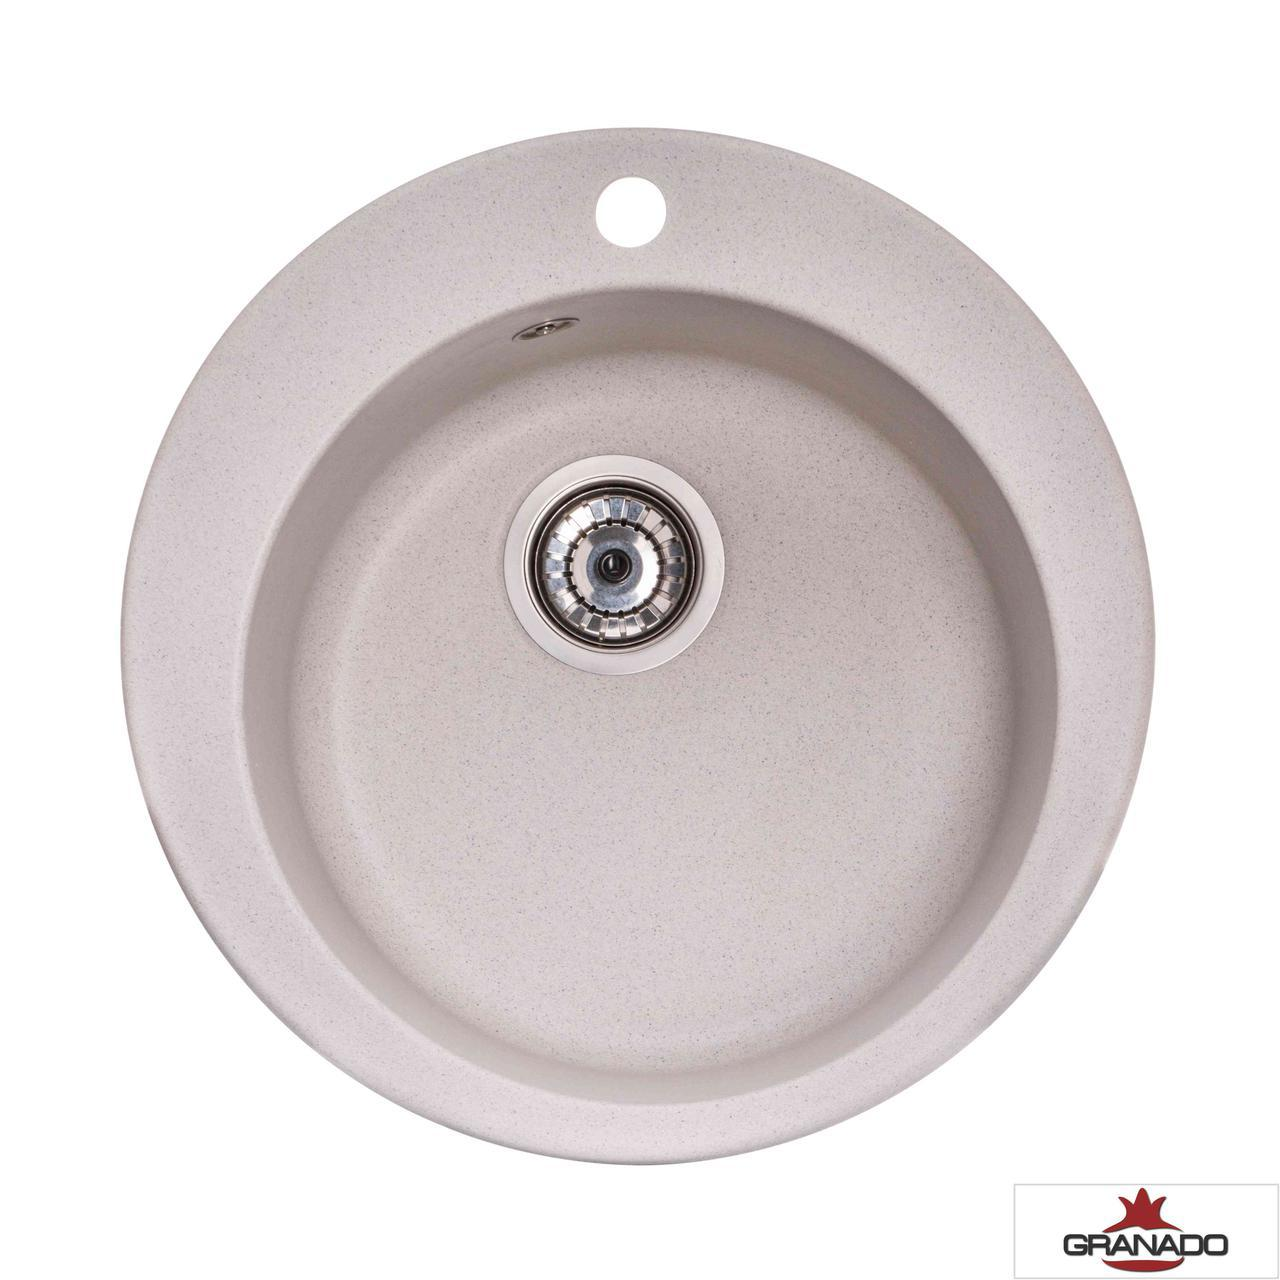 Кухонная мойка ГРАНИТ с евросифоном 51*51 см Granado Vitoria gris 0108